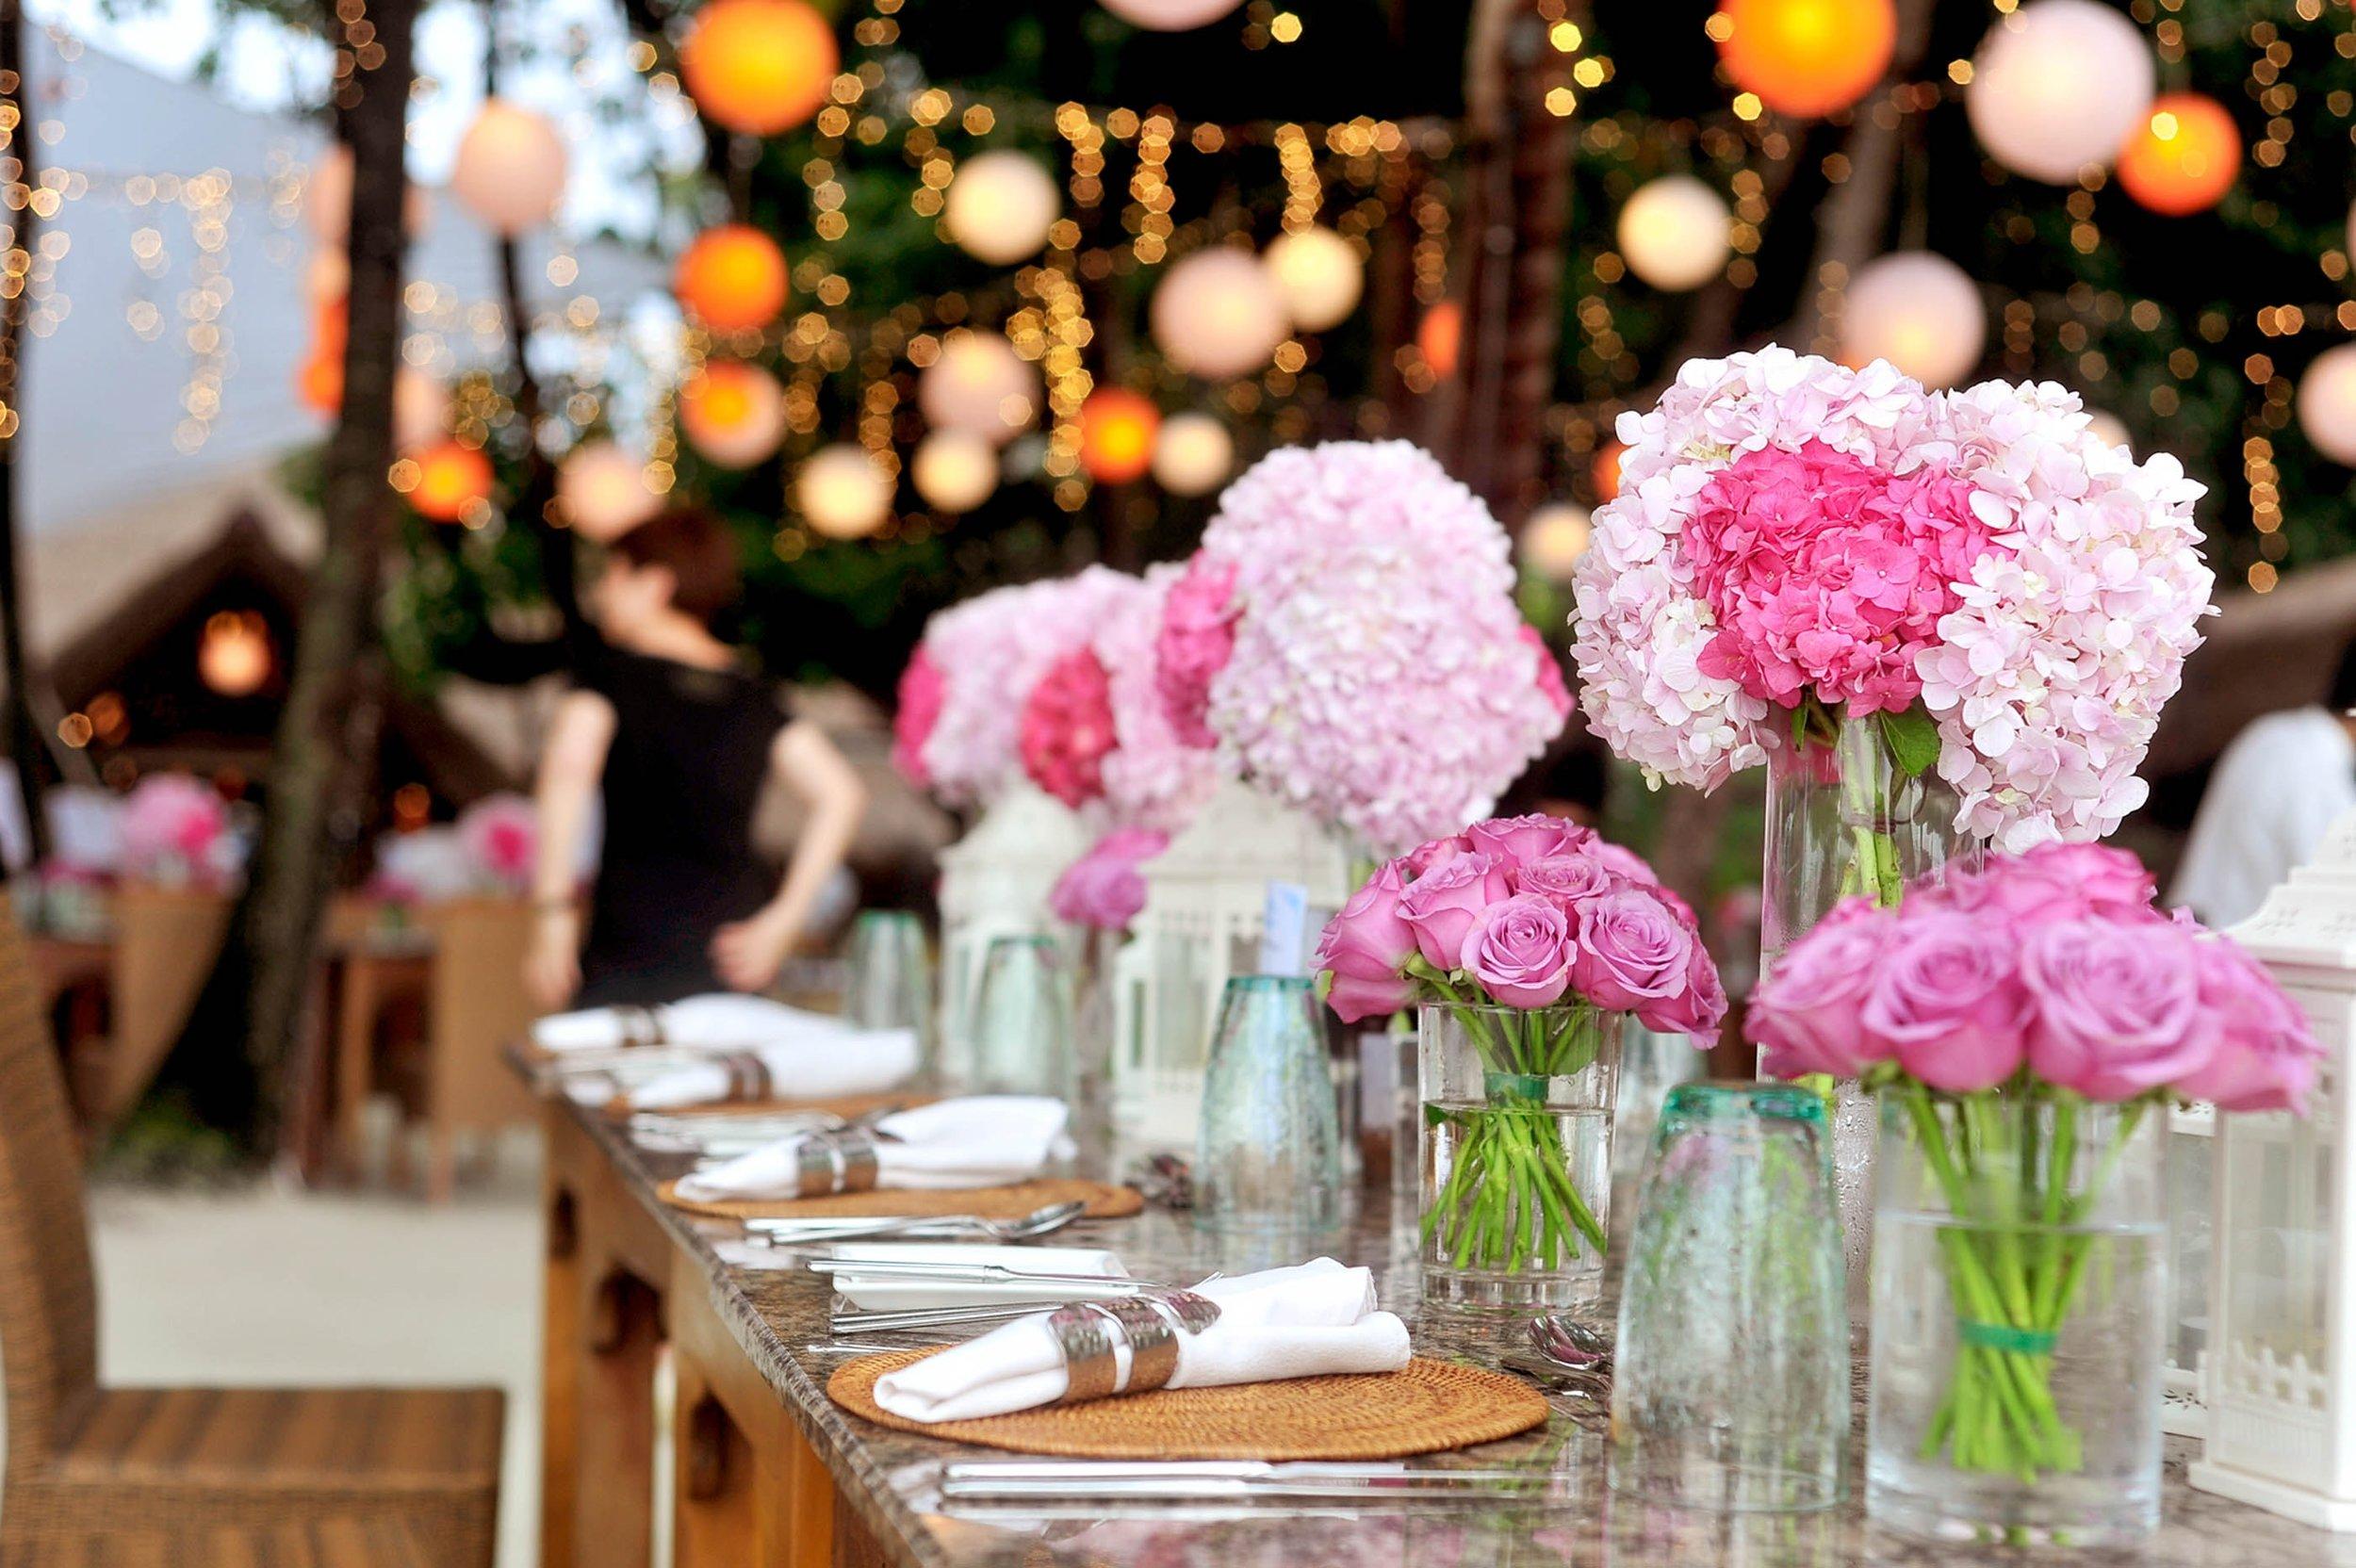 bouquet-celebration-color-169190.jpg